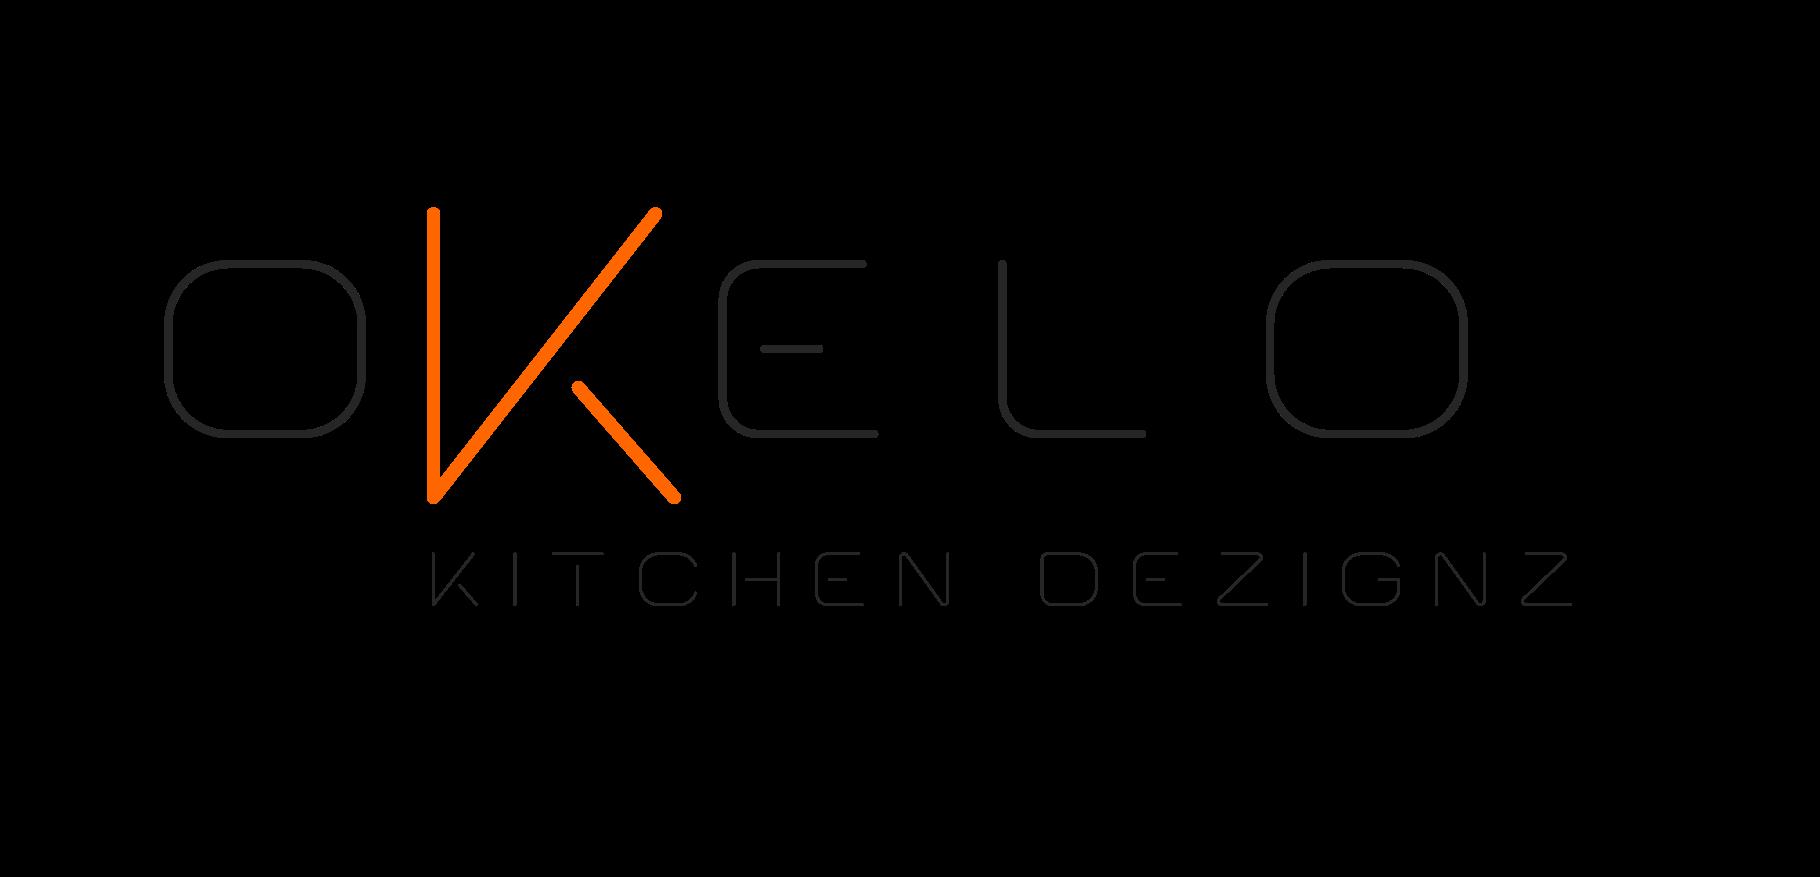 Okelo Kitchen Designs